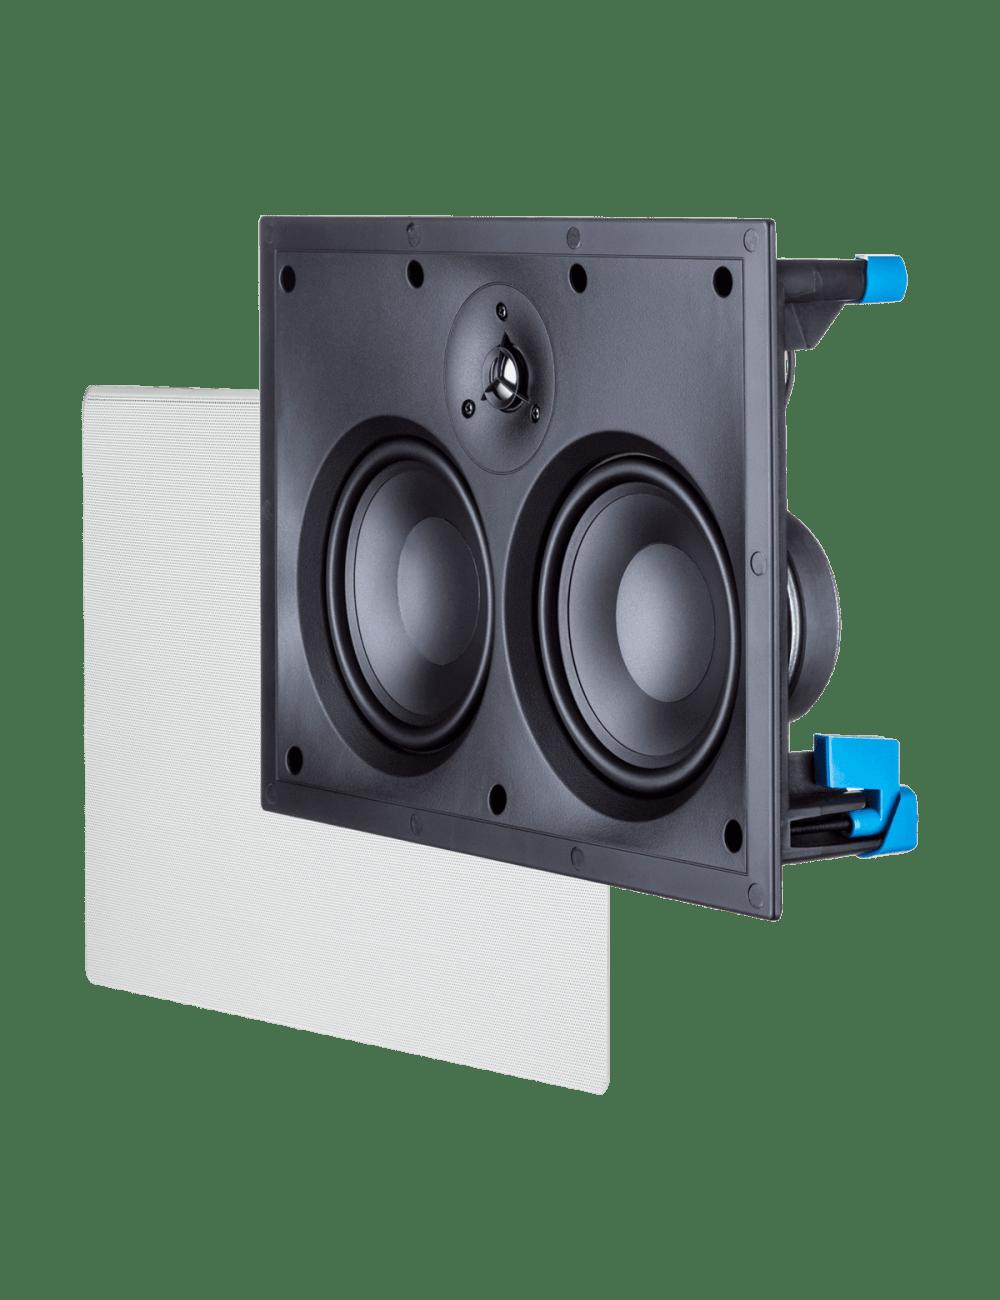 diffusore acustico da incasso a parete o a soffitto LCR, Paradigm CI HOME H55-LCR